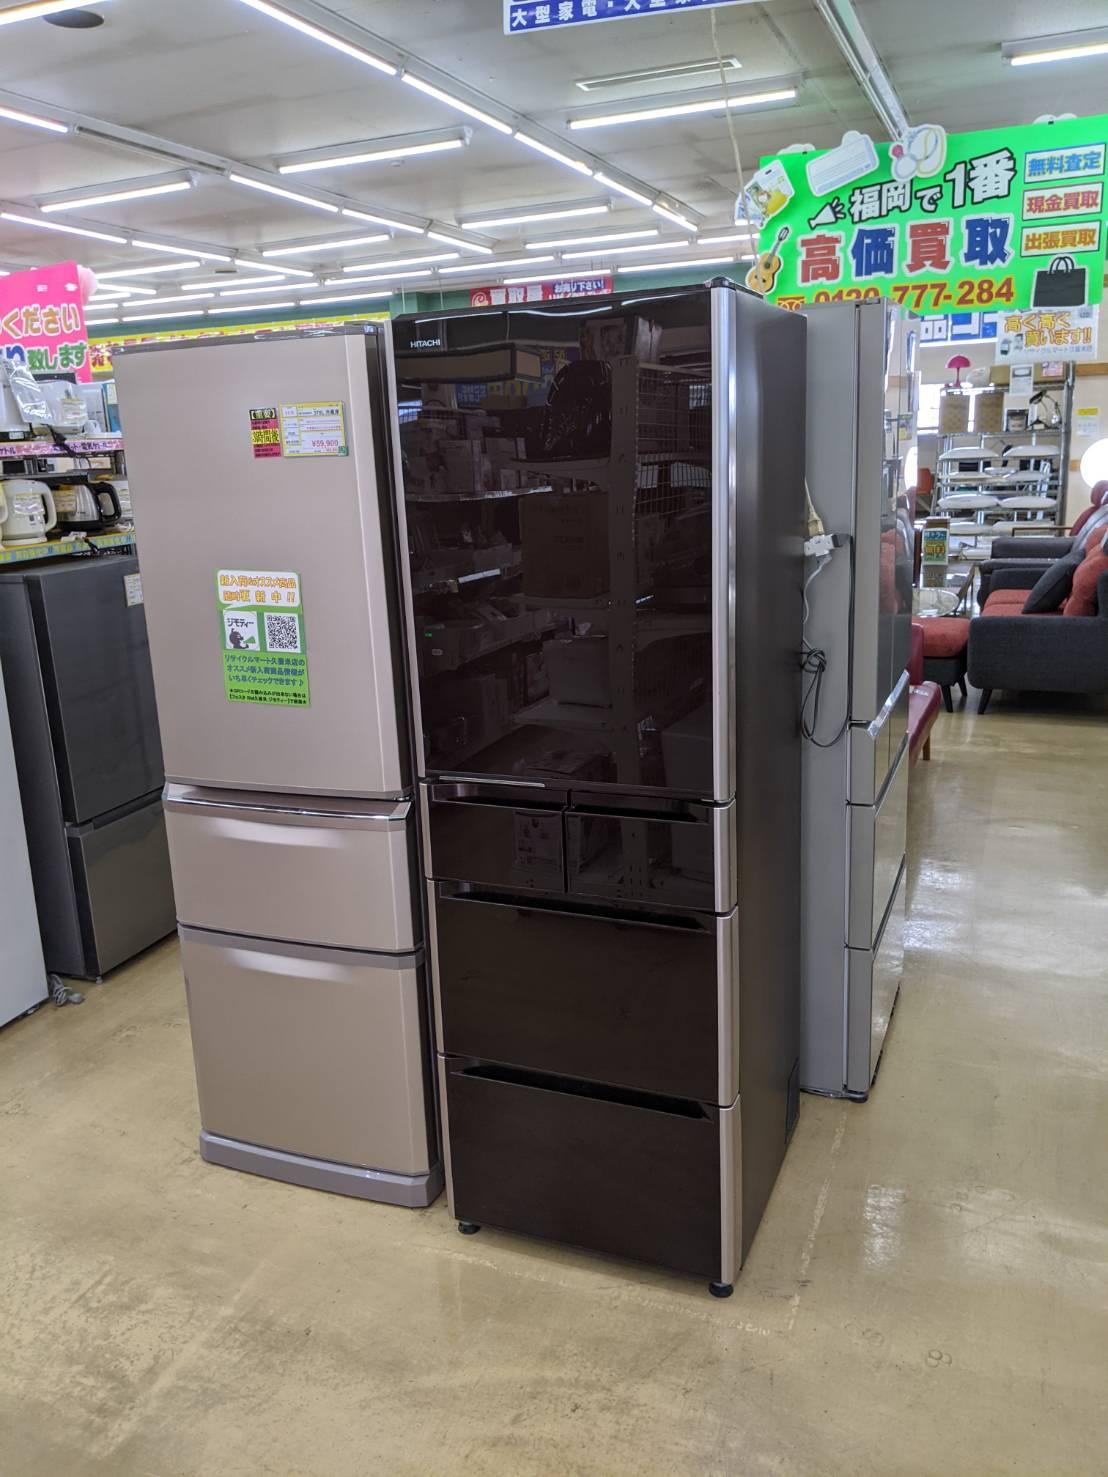 大型冷蔵庫が不足しております!!只今高価買取しております!!